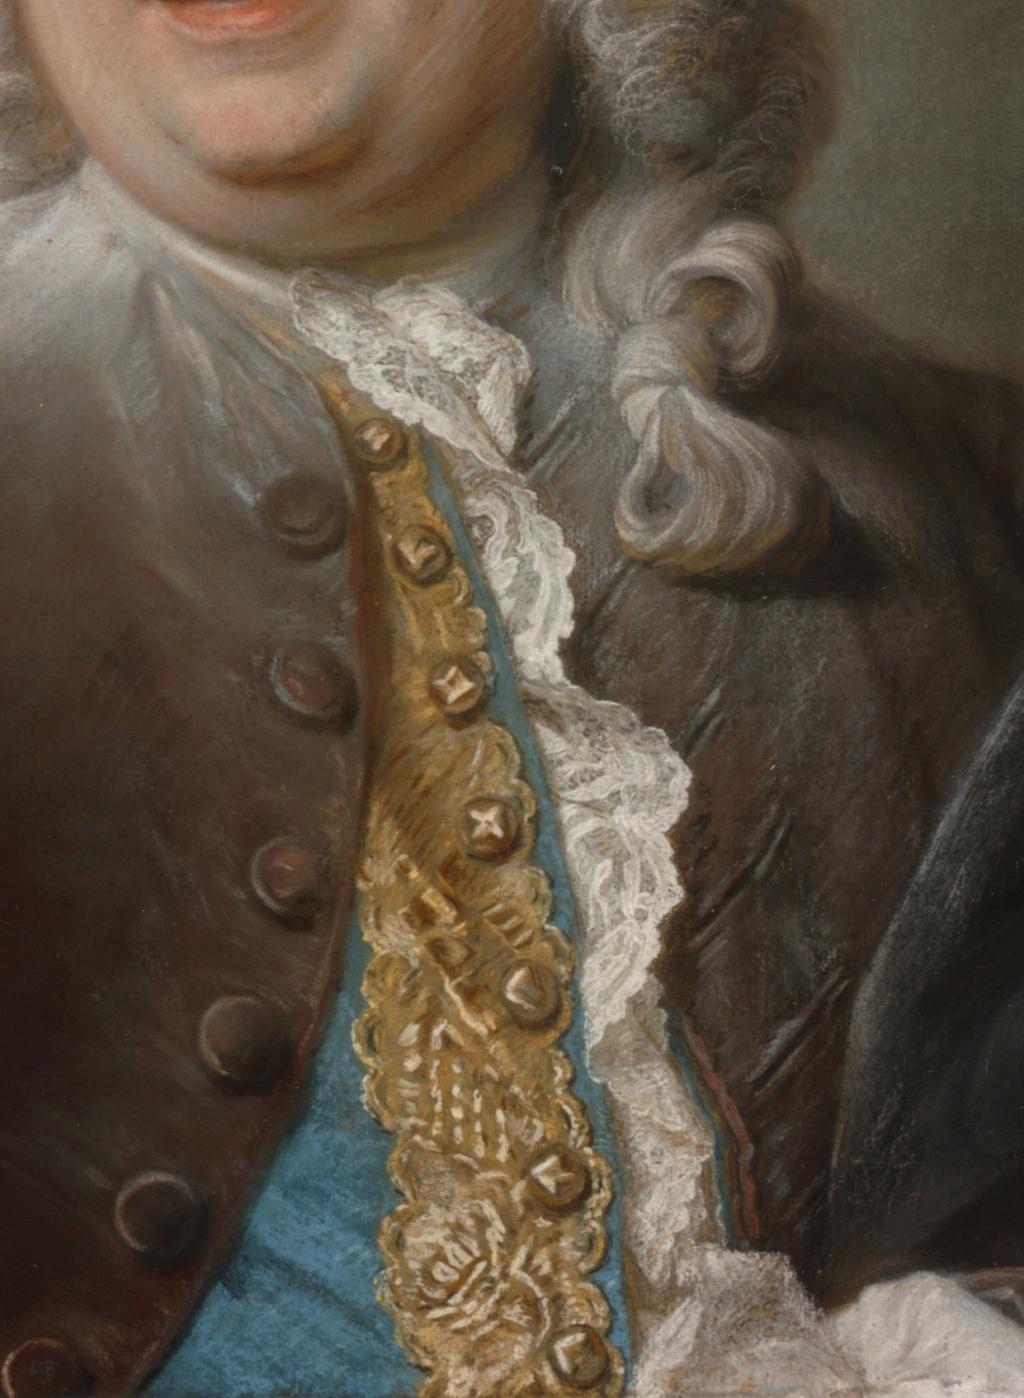 La mode et les vêtements au XVIIIe siècle  - Page 11 1740-510